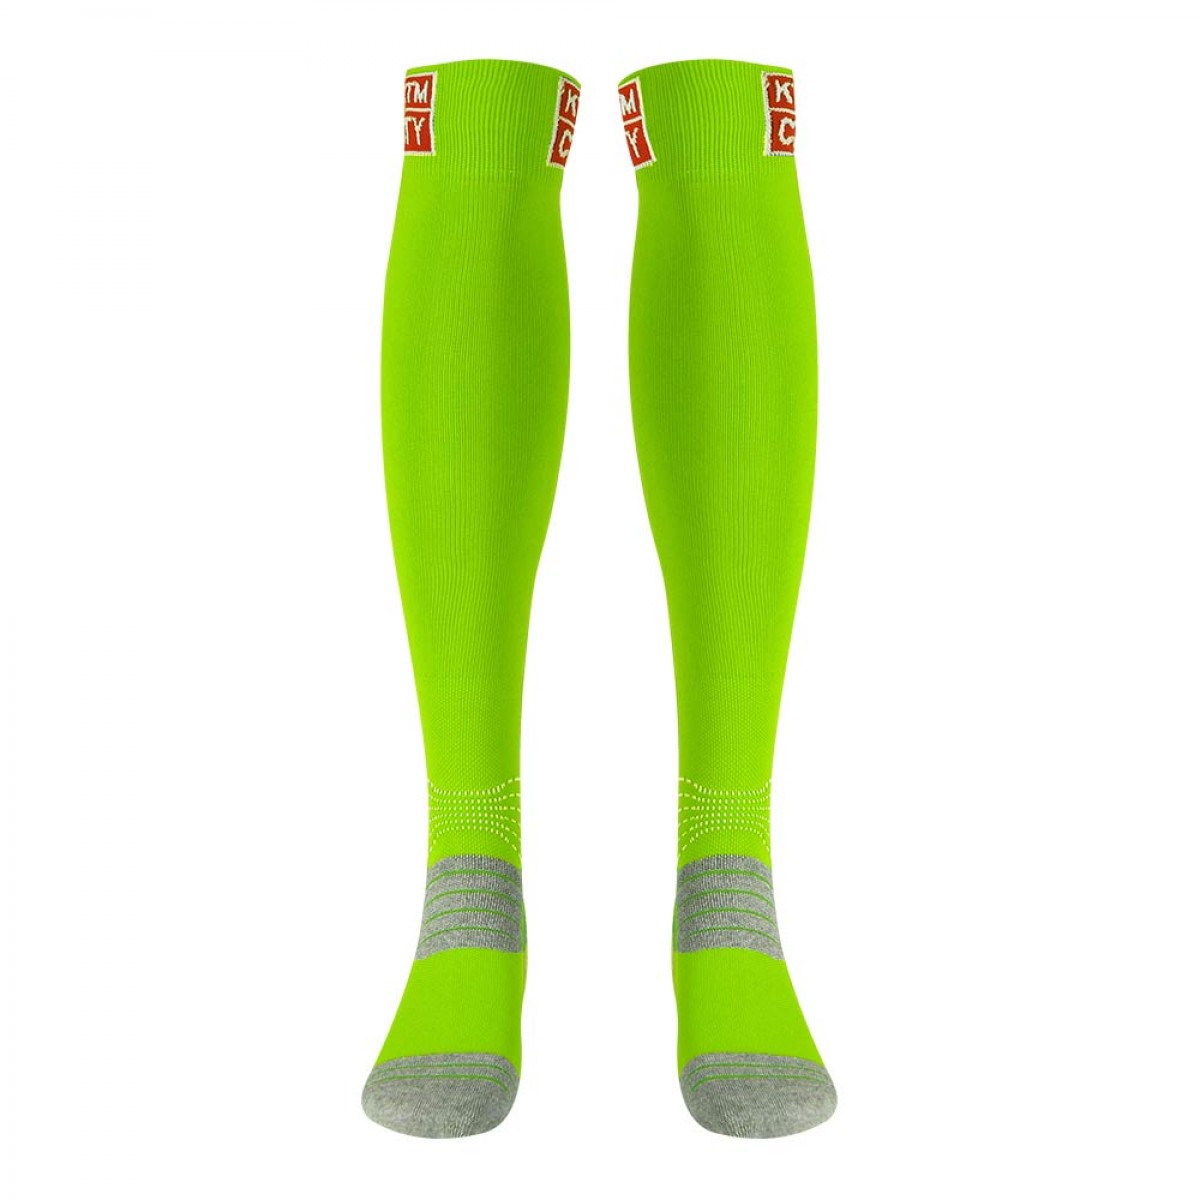 socks-s7-6a